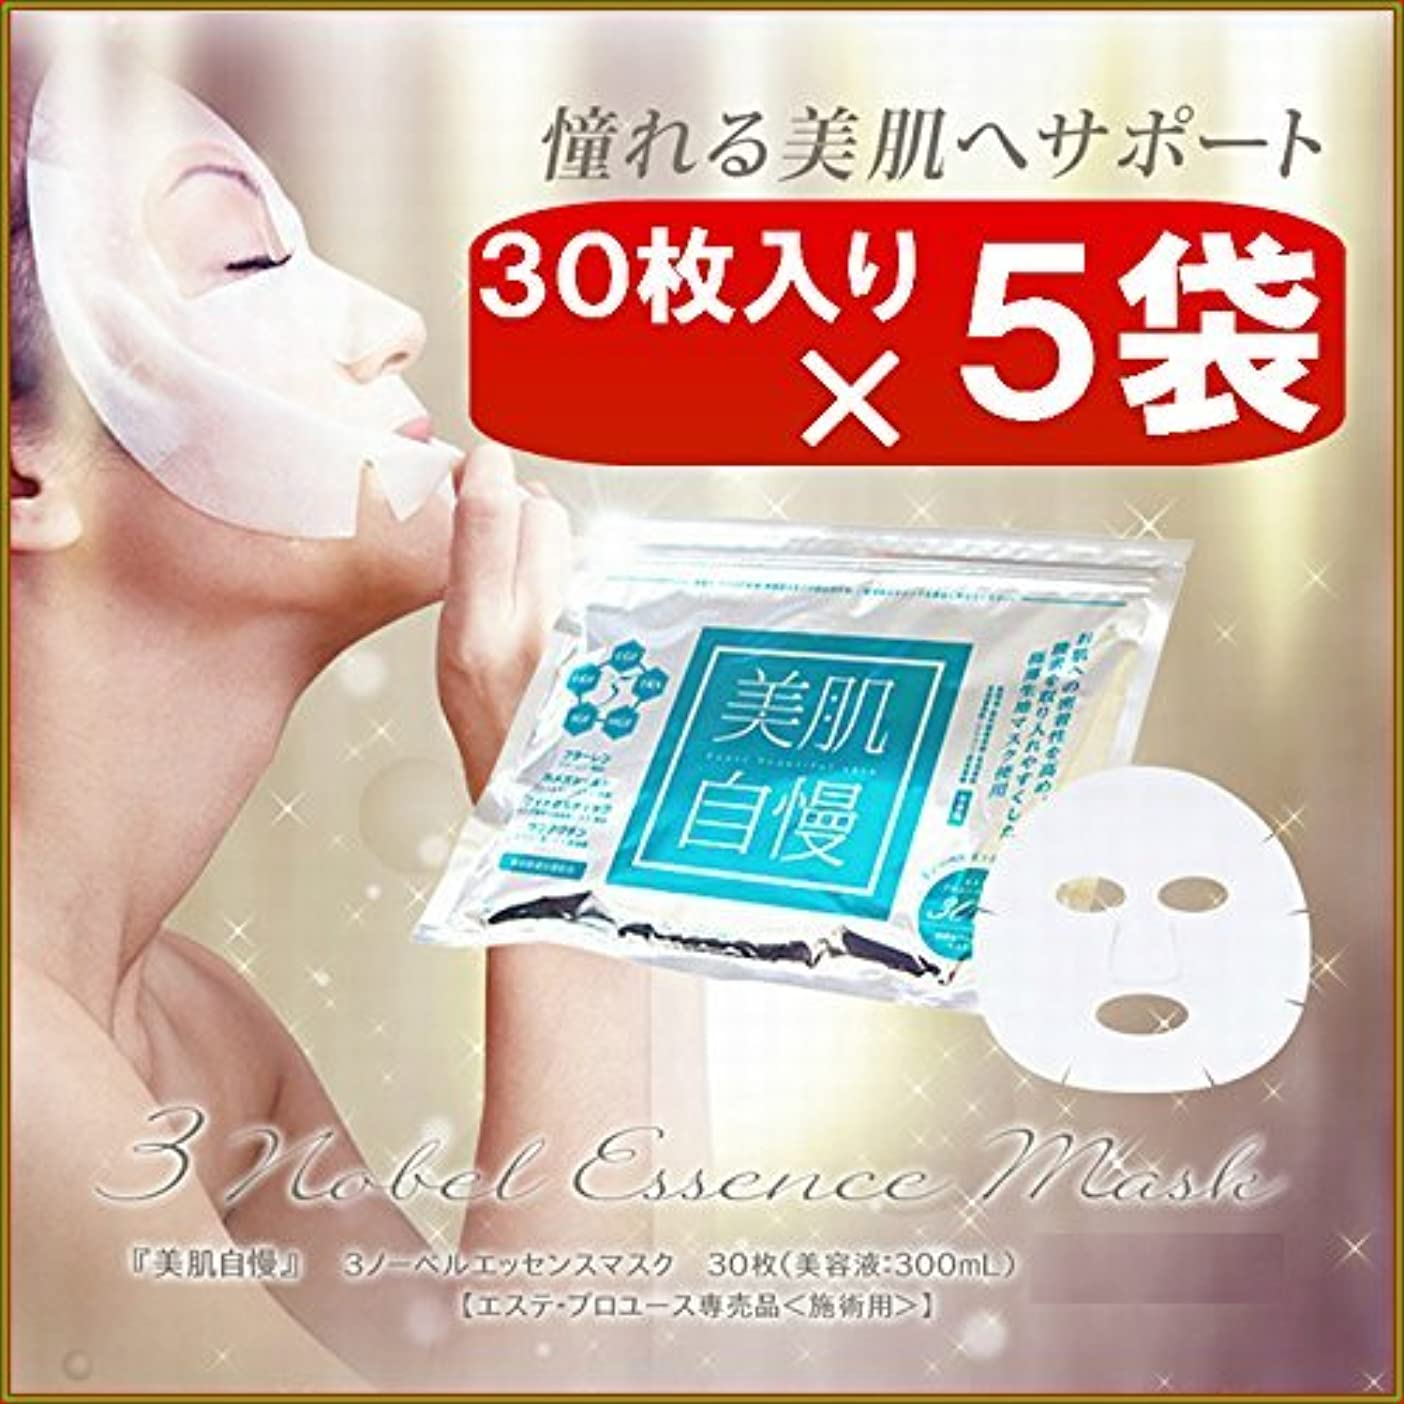 鳴らす蓮ポット美肌自慢フェイスマスク 30枚入り ×超お得5袋セット 《エッセンスマスク、EGF、IGF、ヒアルロン酸、プラセンタ、アルブチン、カタツムリエキス、しみ、しわ》